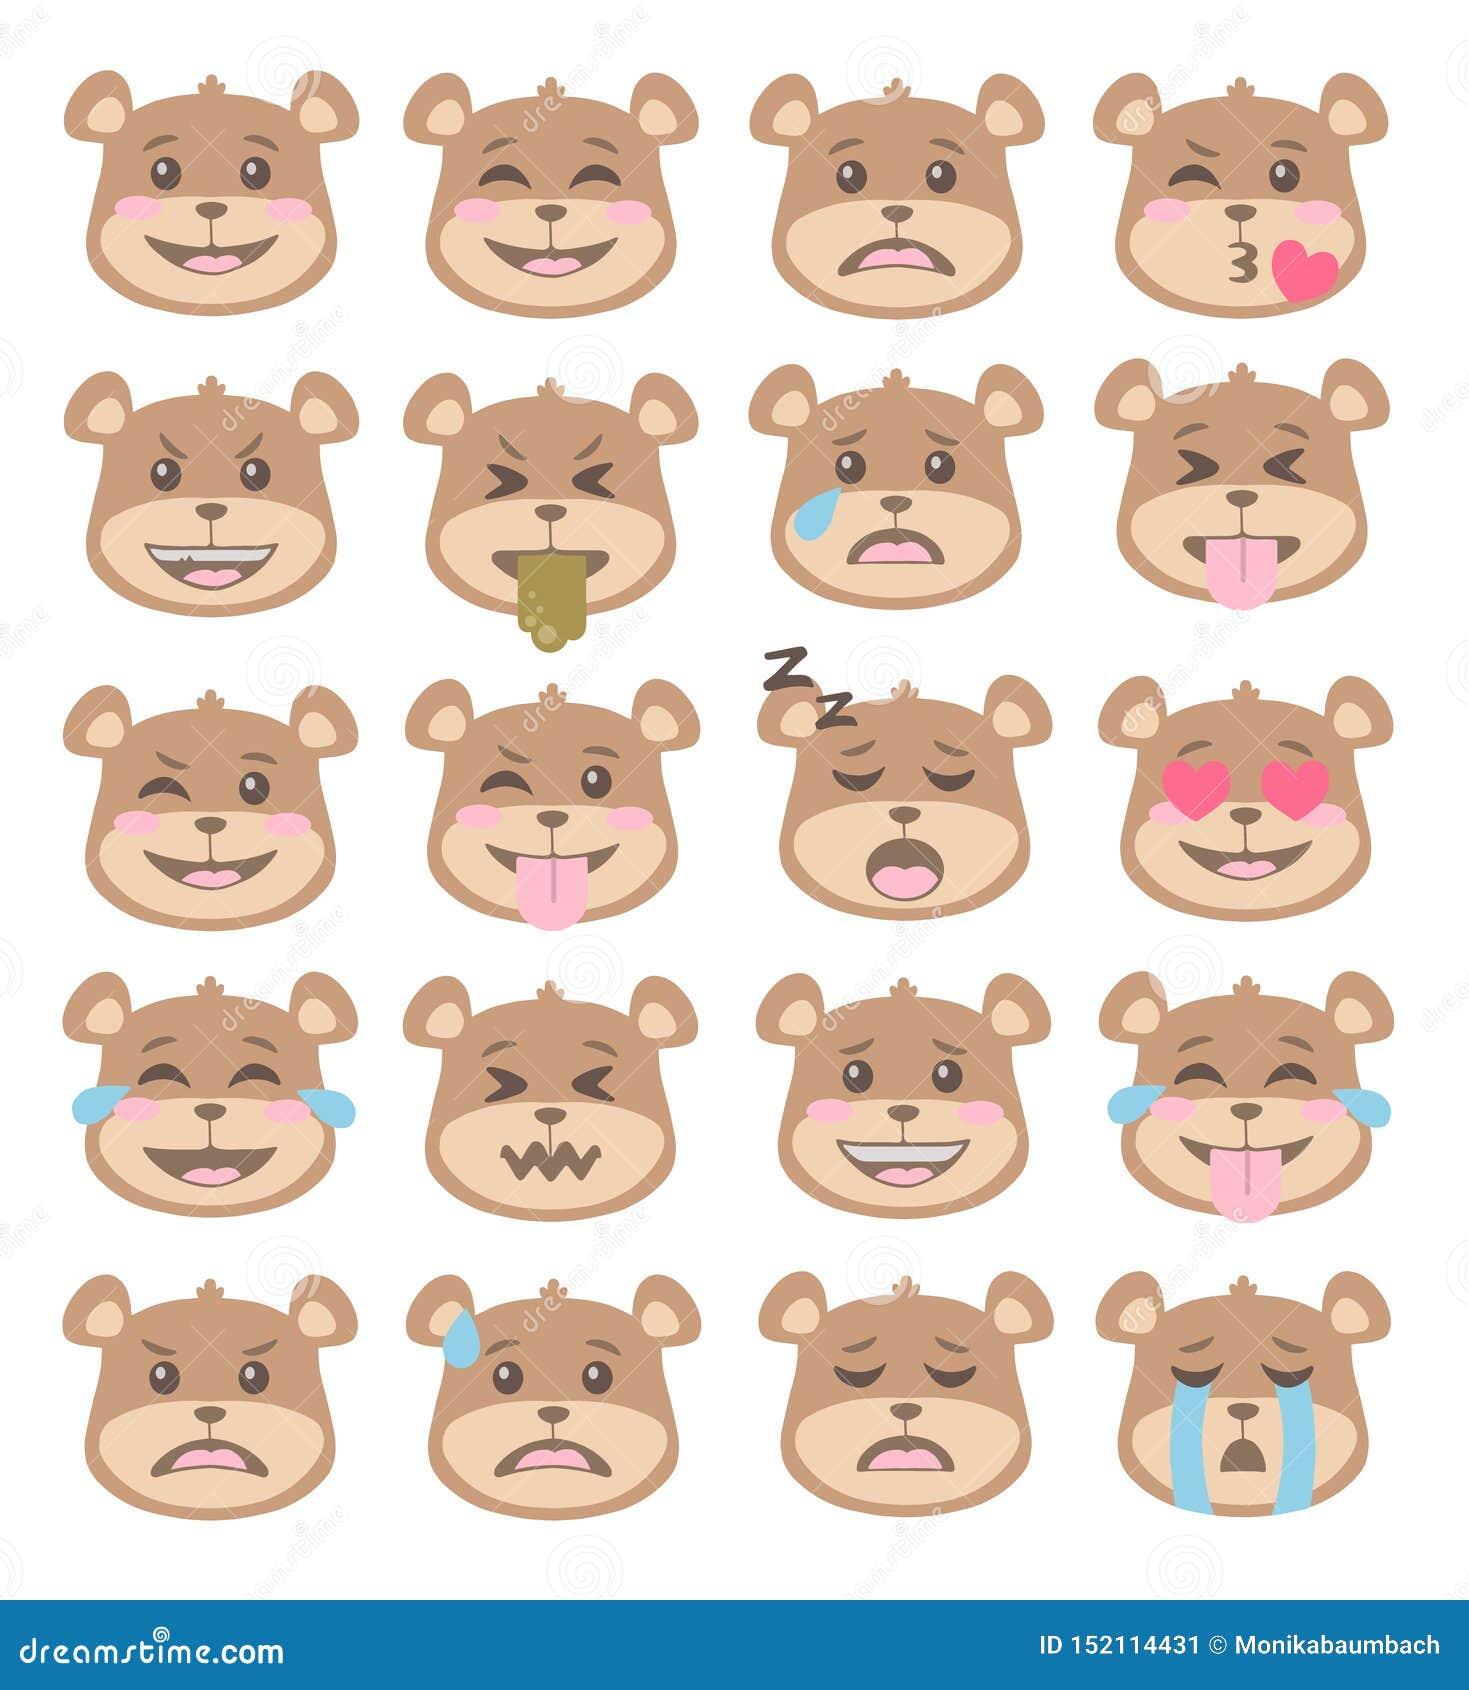 Netter Karikaturartbraunbär stellt mit verschiedenen Gesichtsausdrücken, Emoticonvektorsatz gegenüber